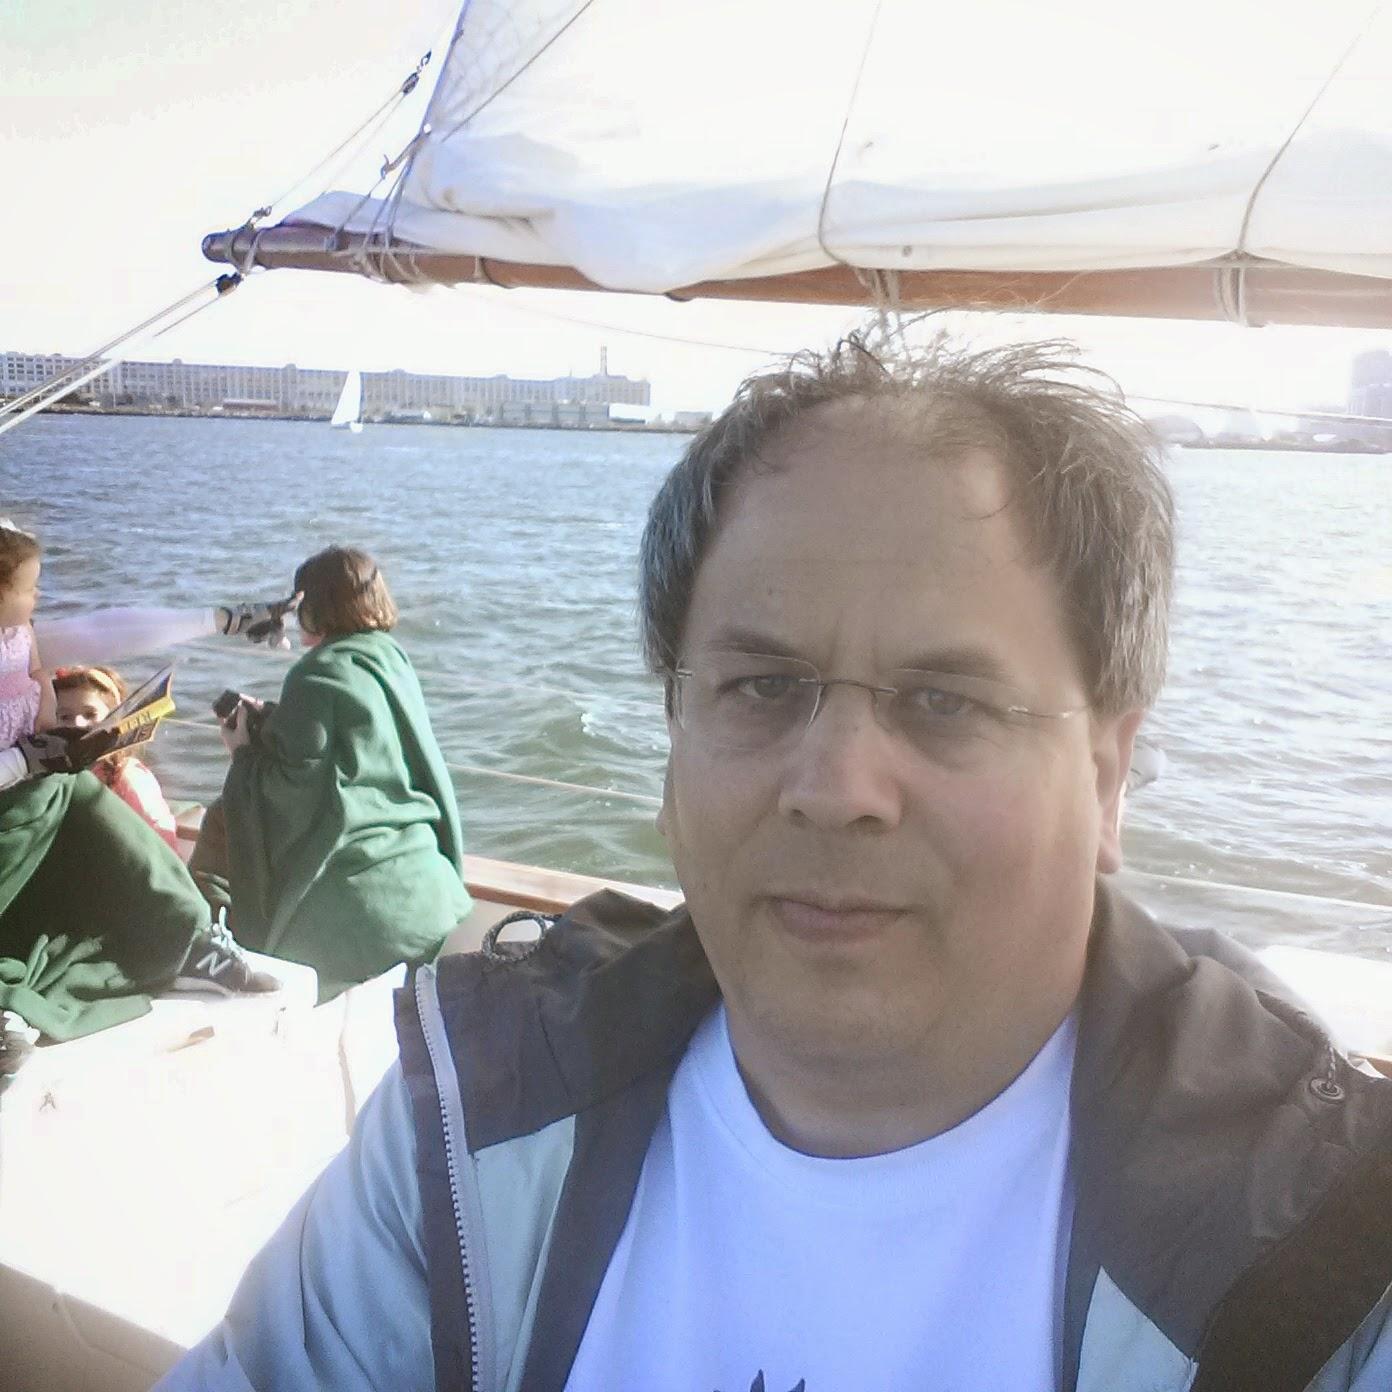 Sailing the Adirondack III in Boston